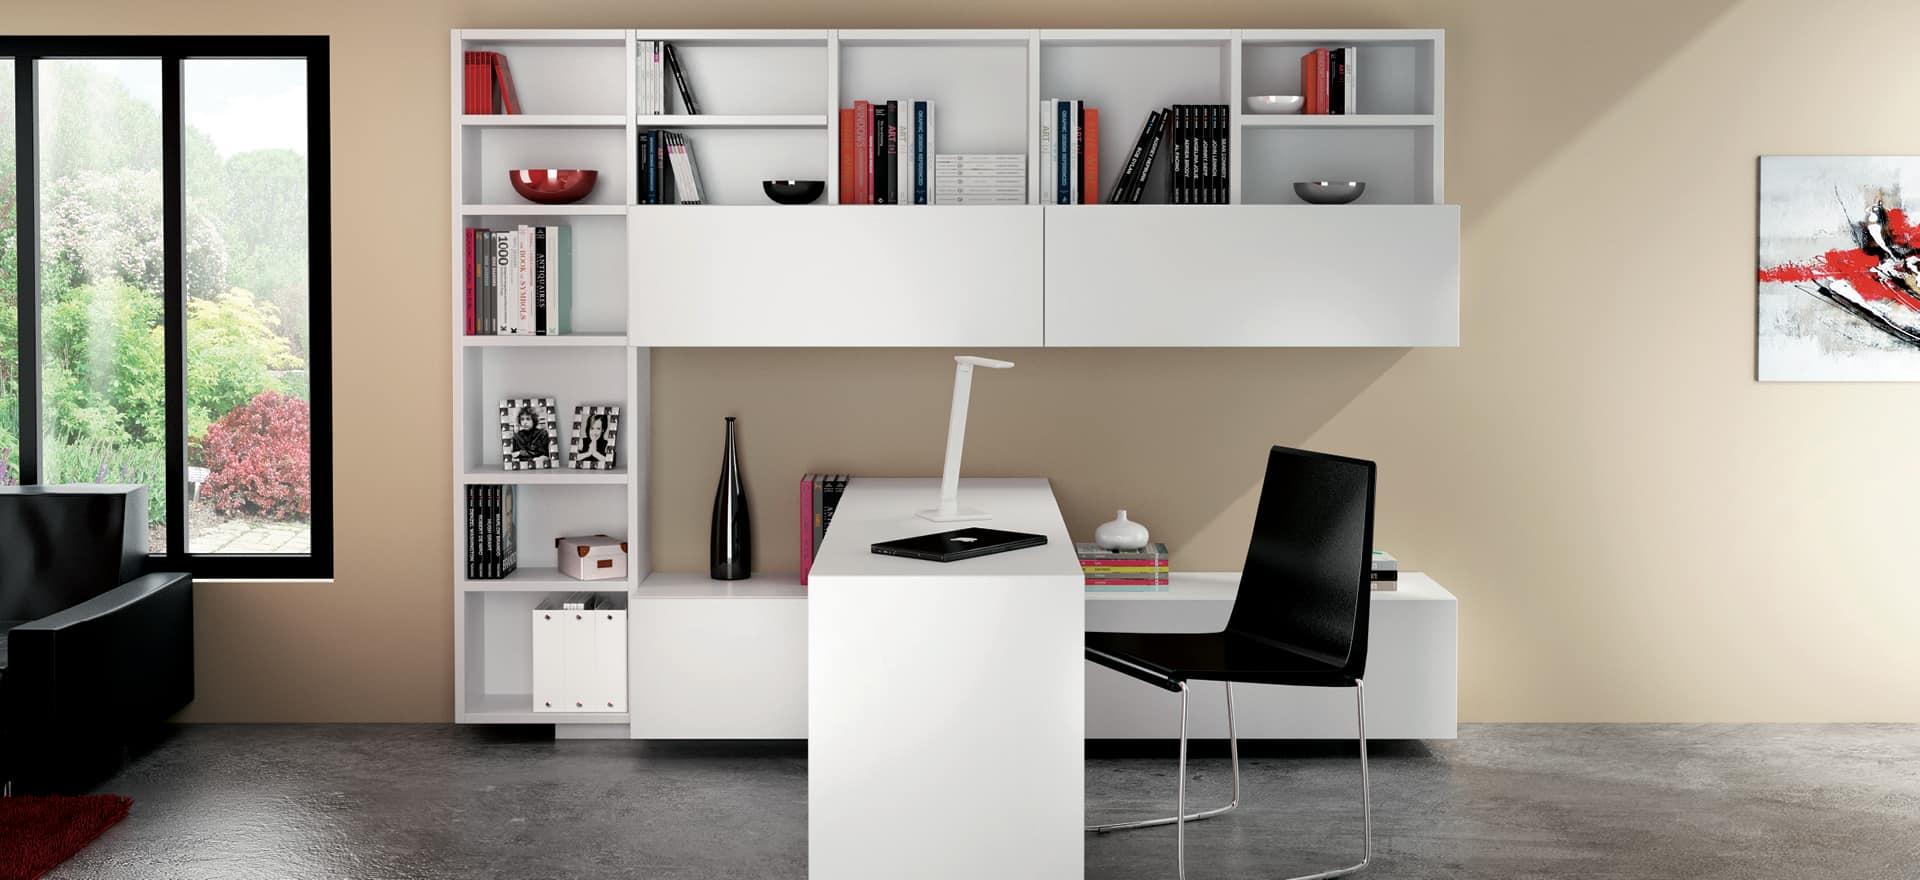 Moderne Innredning av hjemmekontor | Schmidt Kjøkken, bad & Interiør XY-17